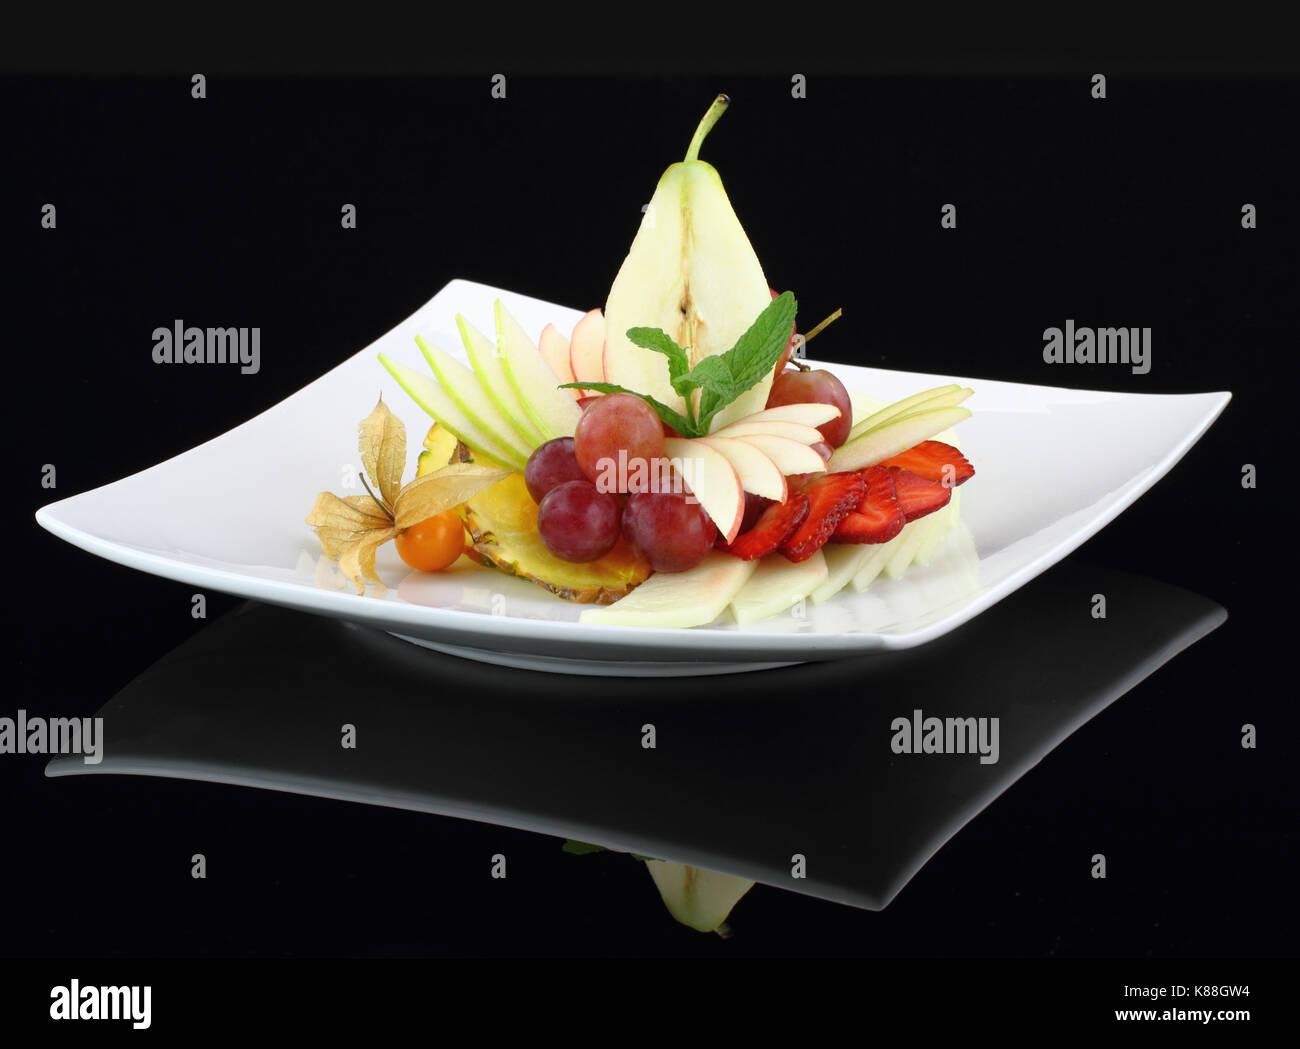 Fruit salad on black background - Stock Image